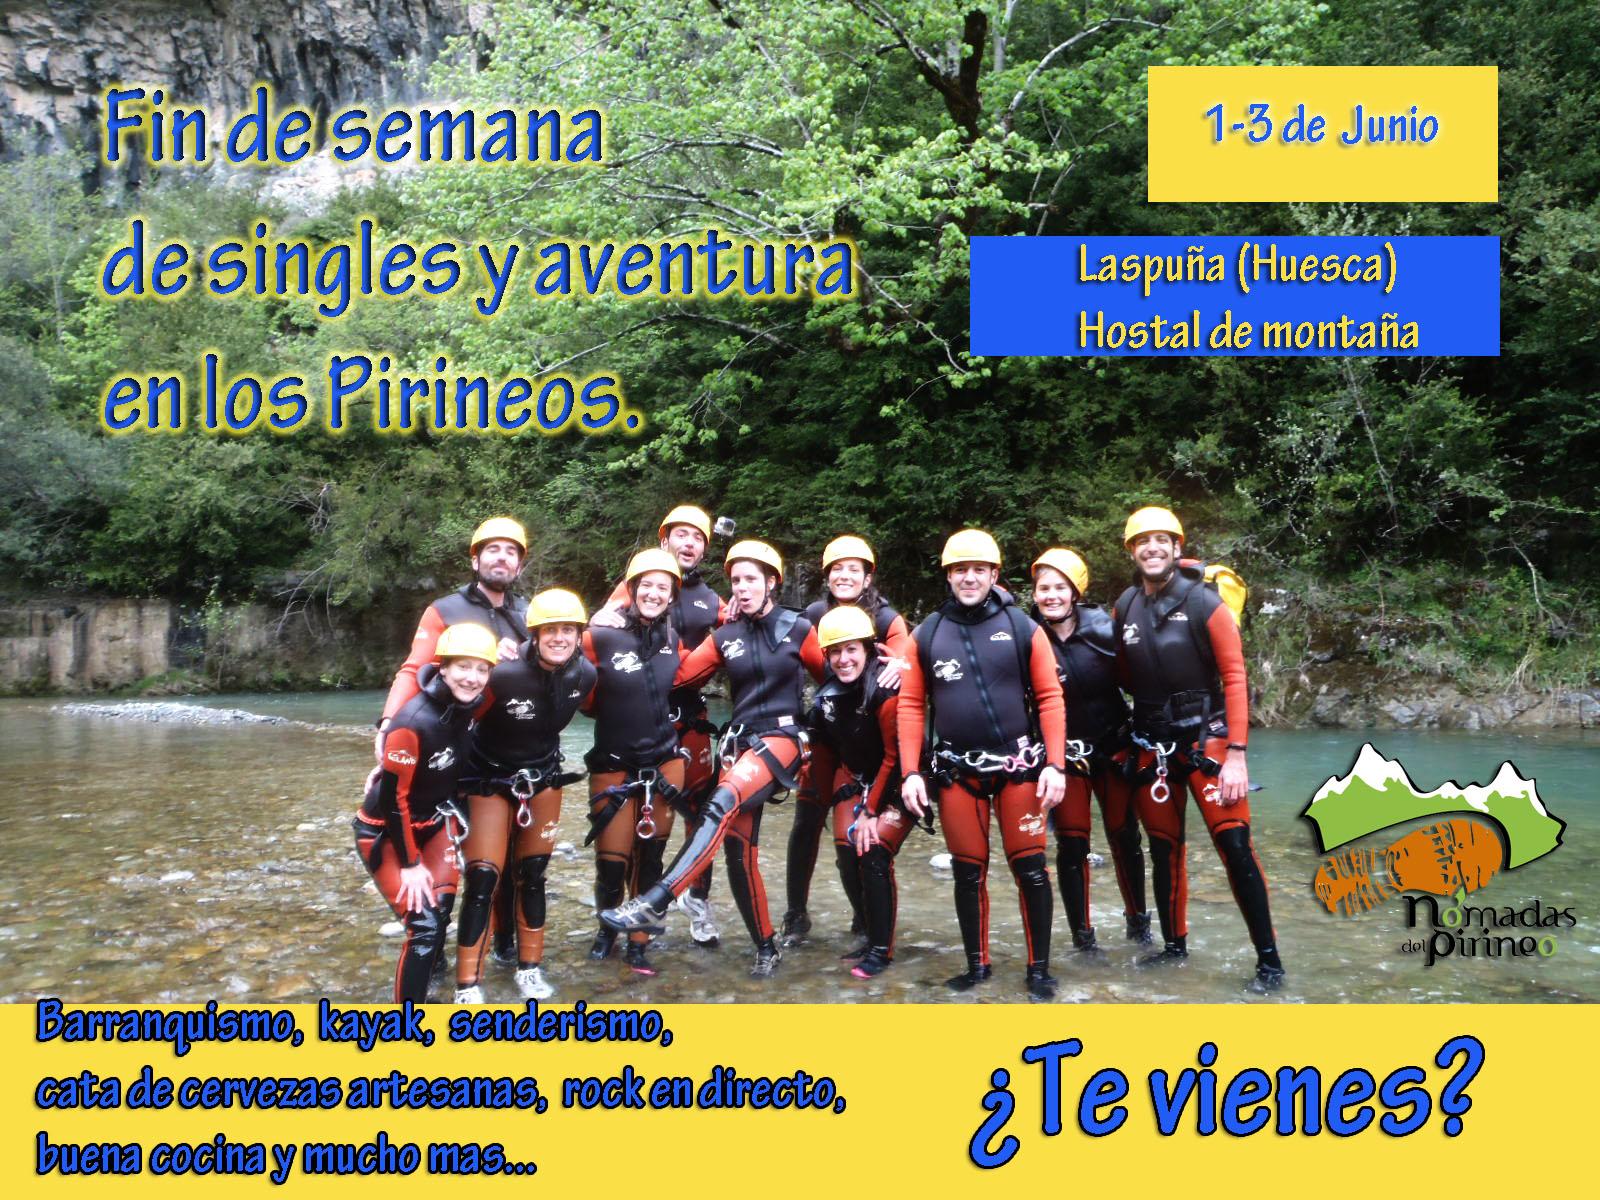 Aventura singles Pirineos